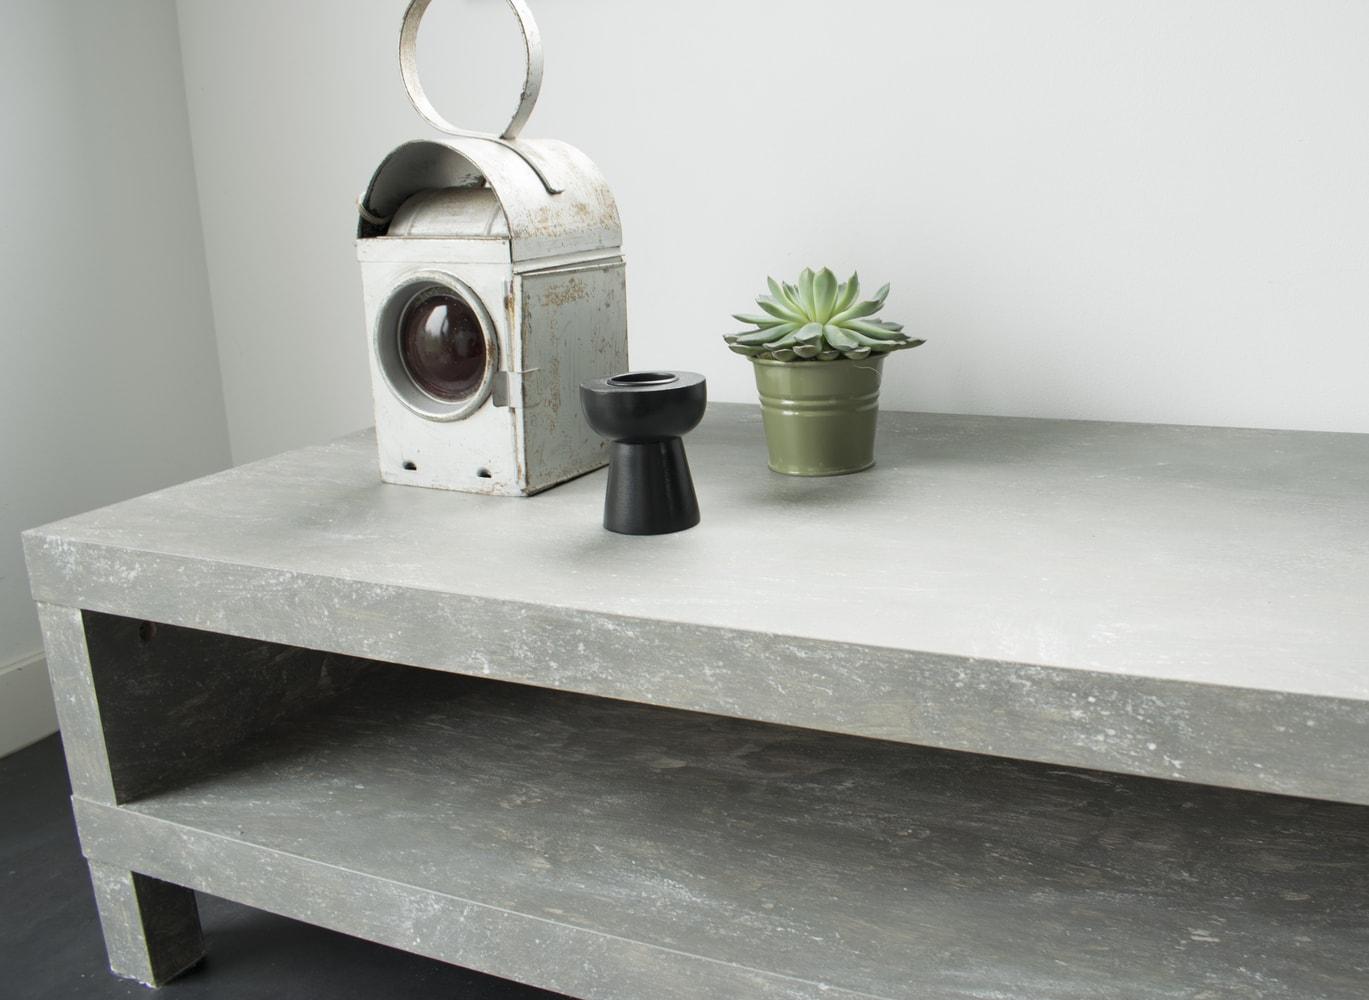 DIY-Betonlook-tv-meubel-betonlook-verf-betonlook-meubels-betonlook-verf-aanbrengen-eindresultaat